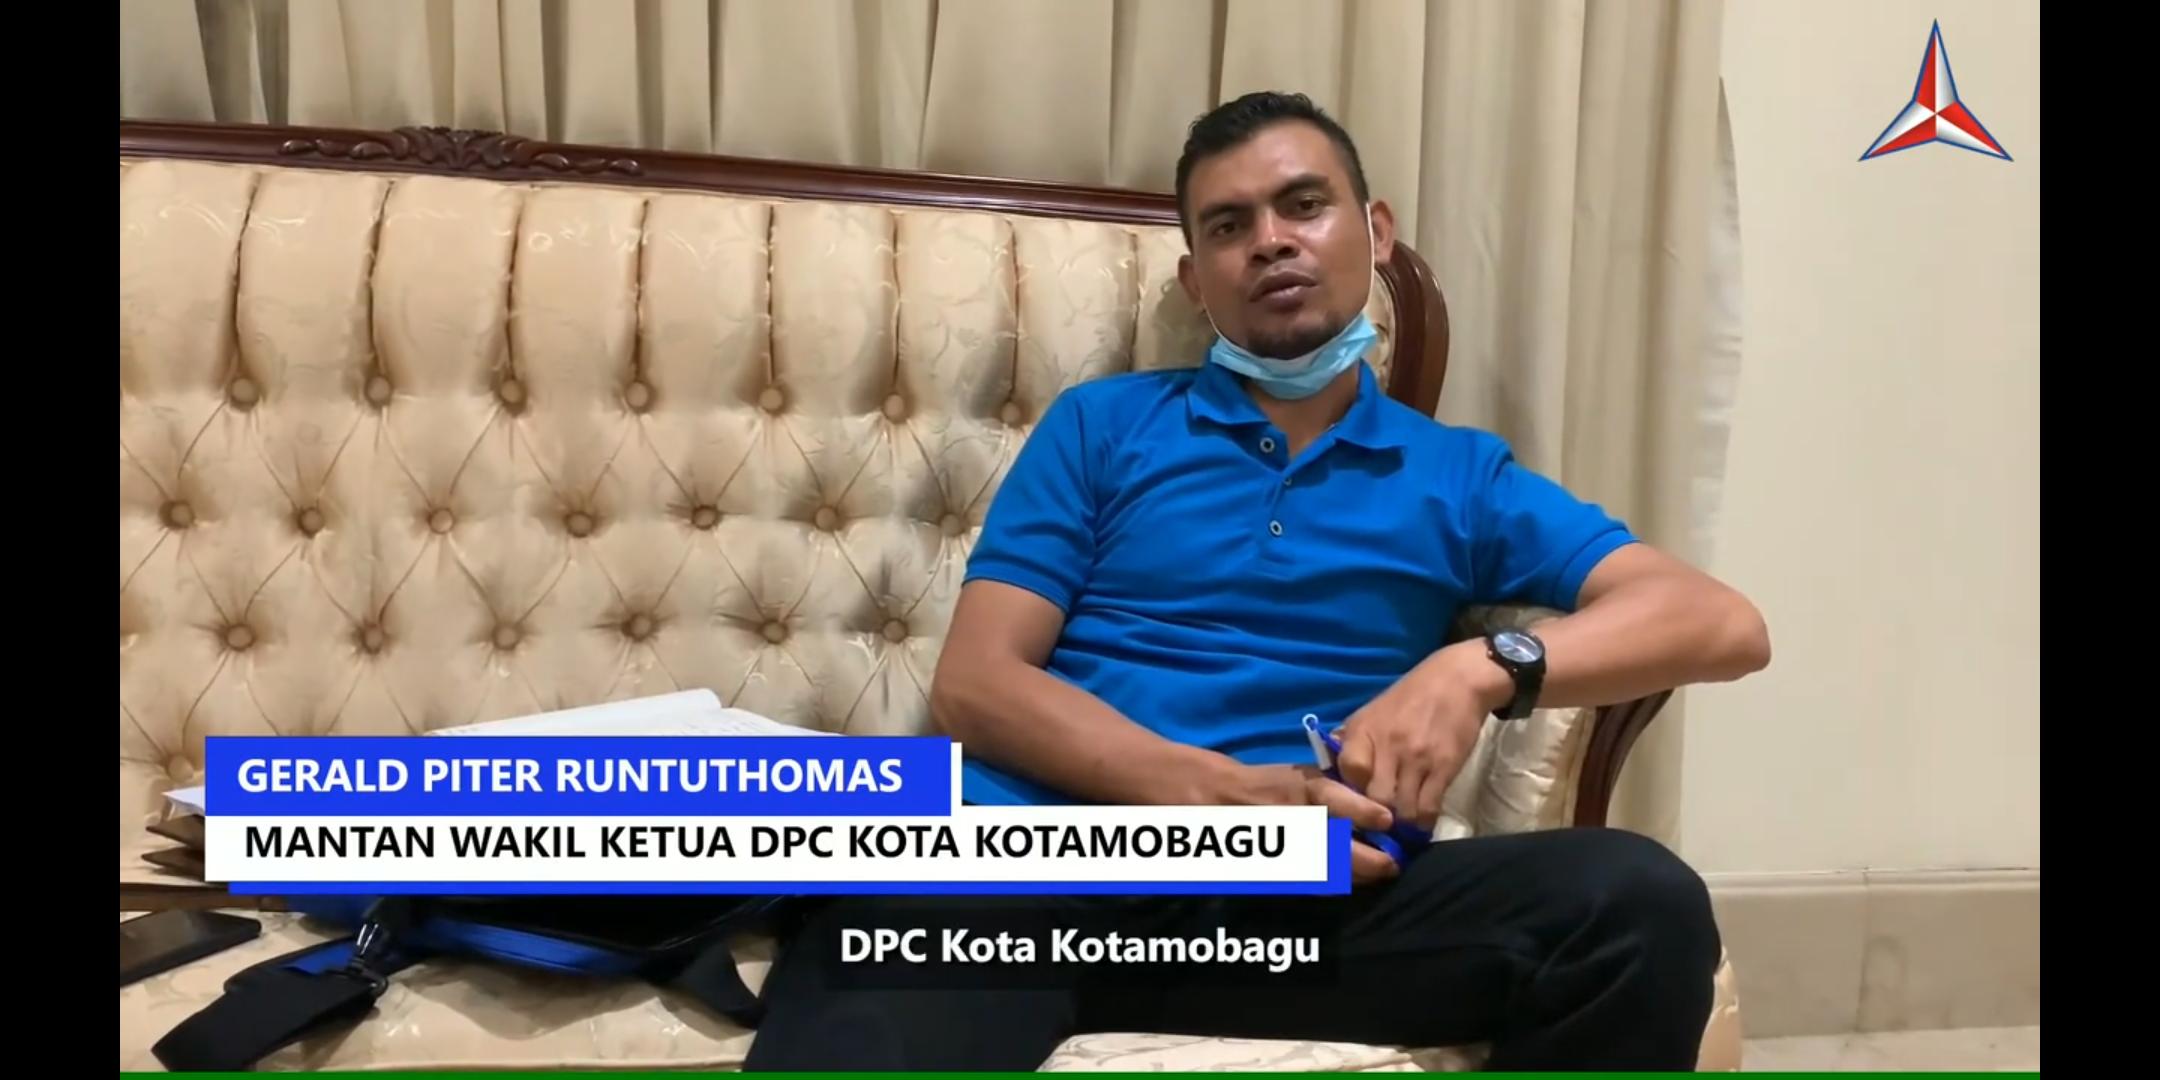 Pengakuan Mantan Wakil Ketua DPC